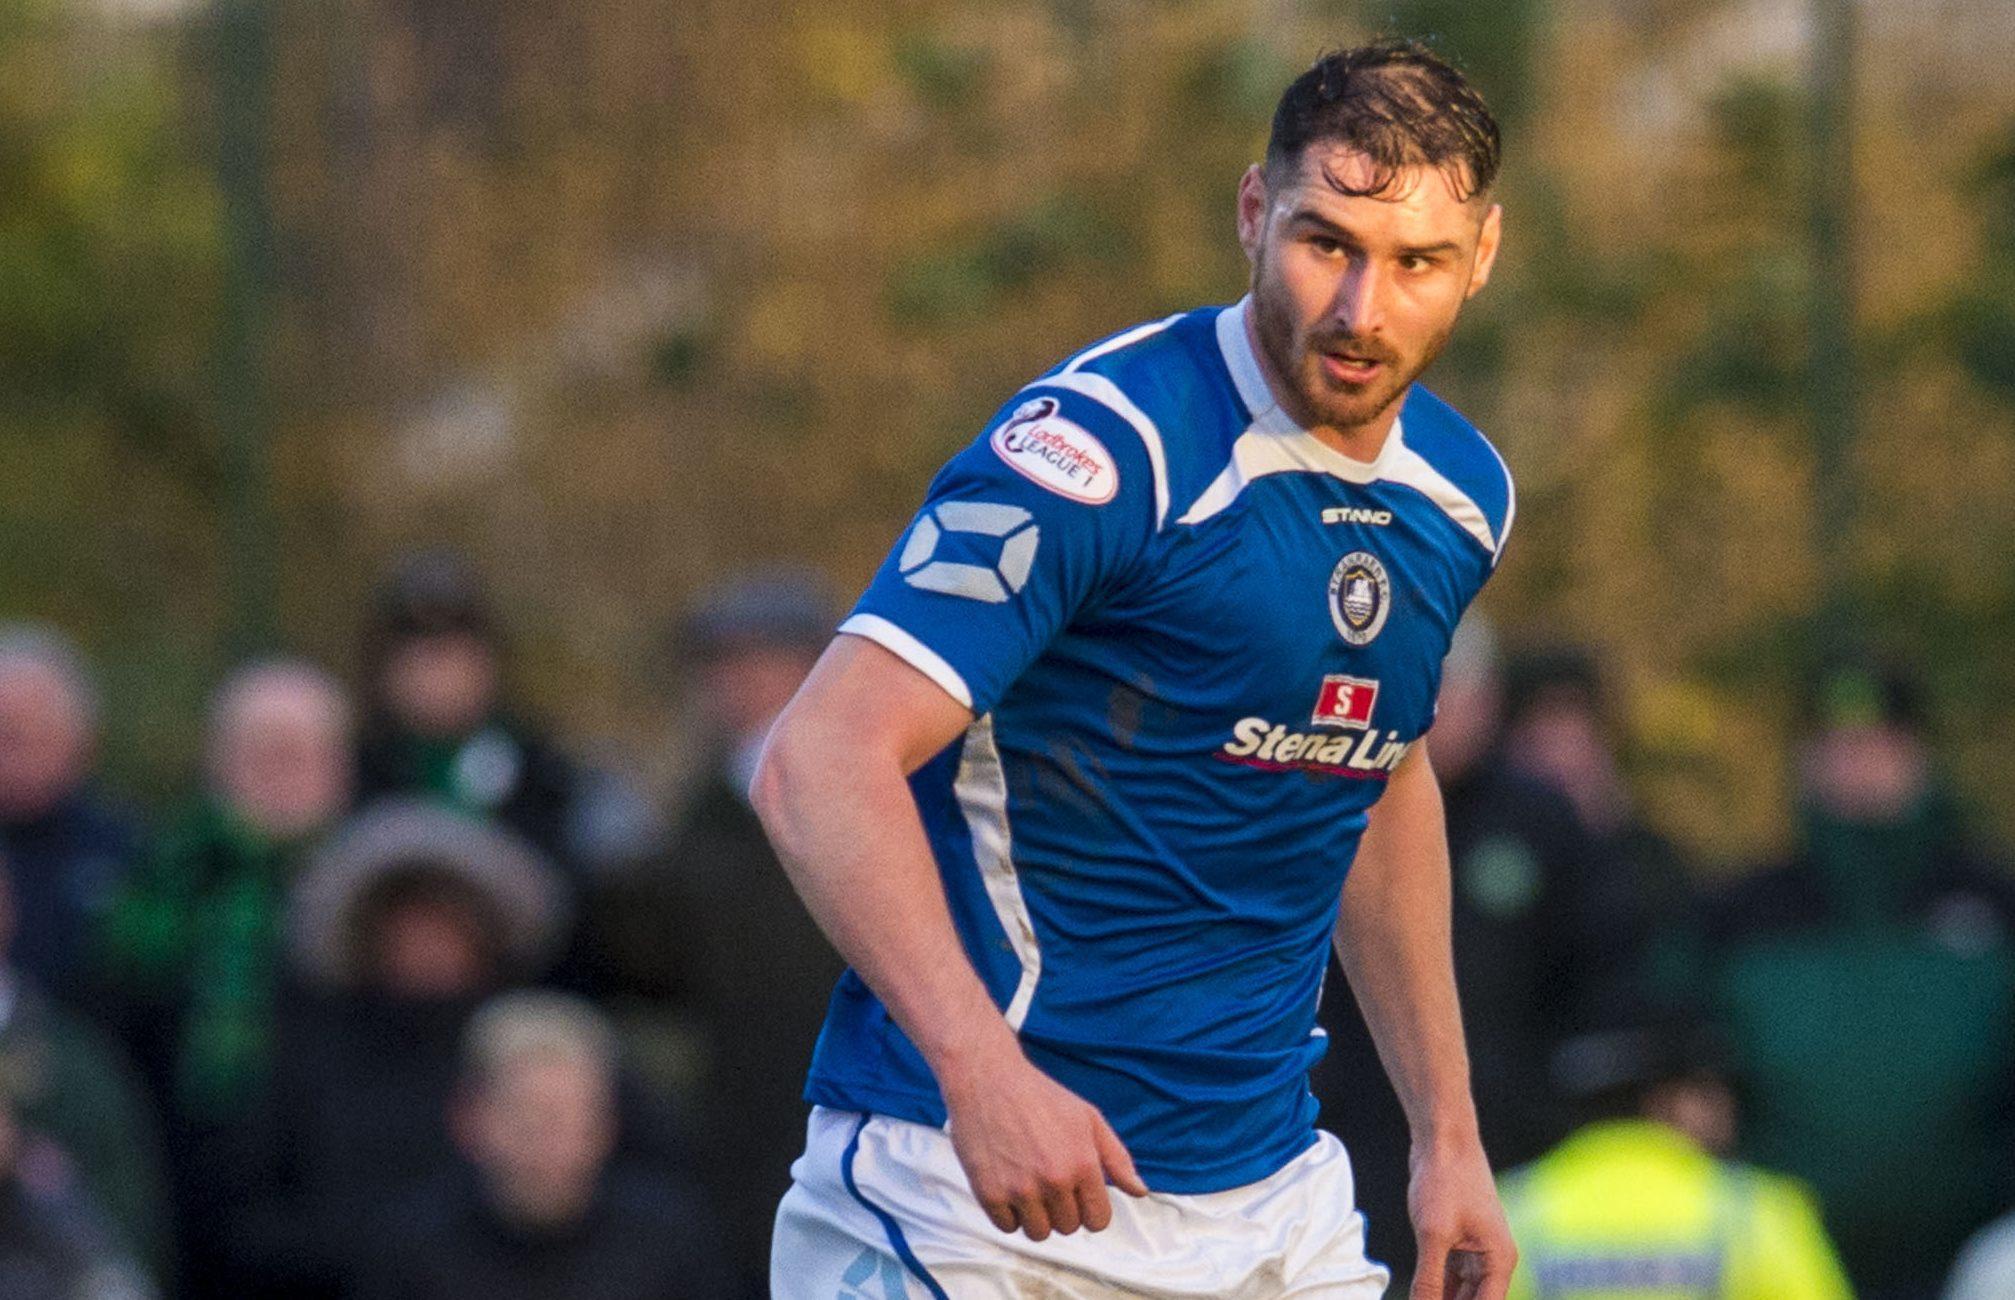 Stranraer defender Scott Robertson is not looking too far ahead.